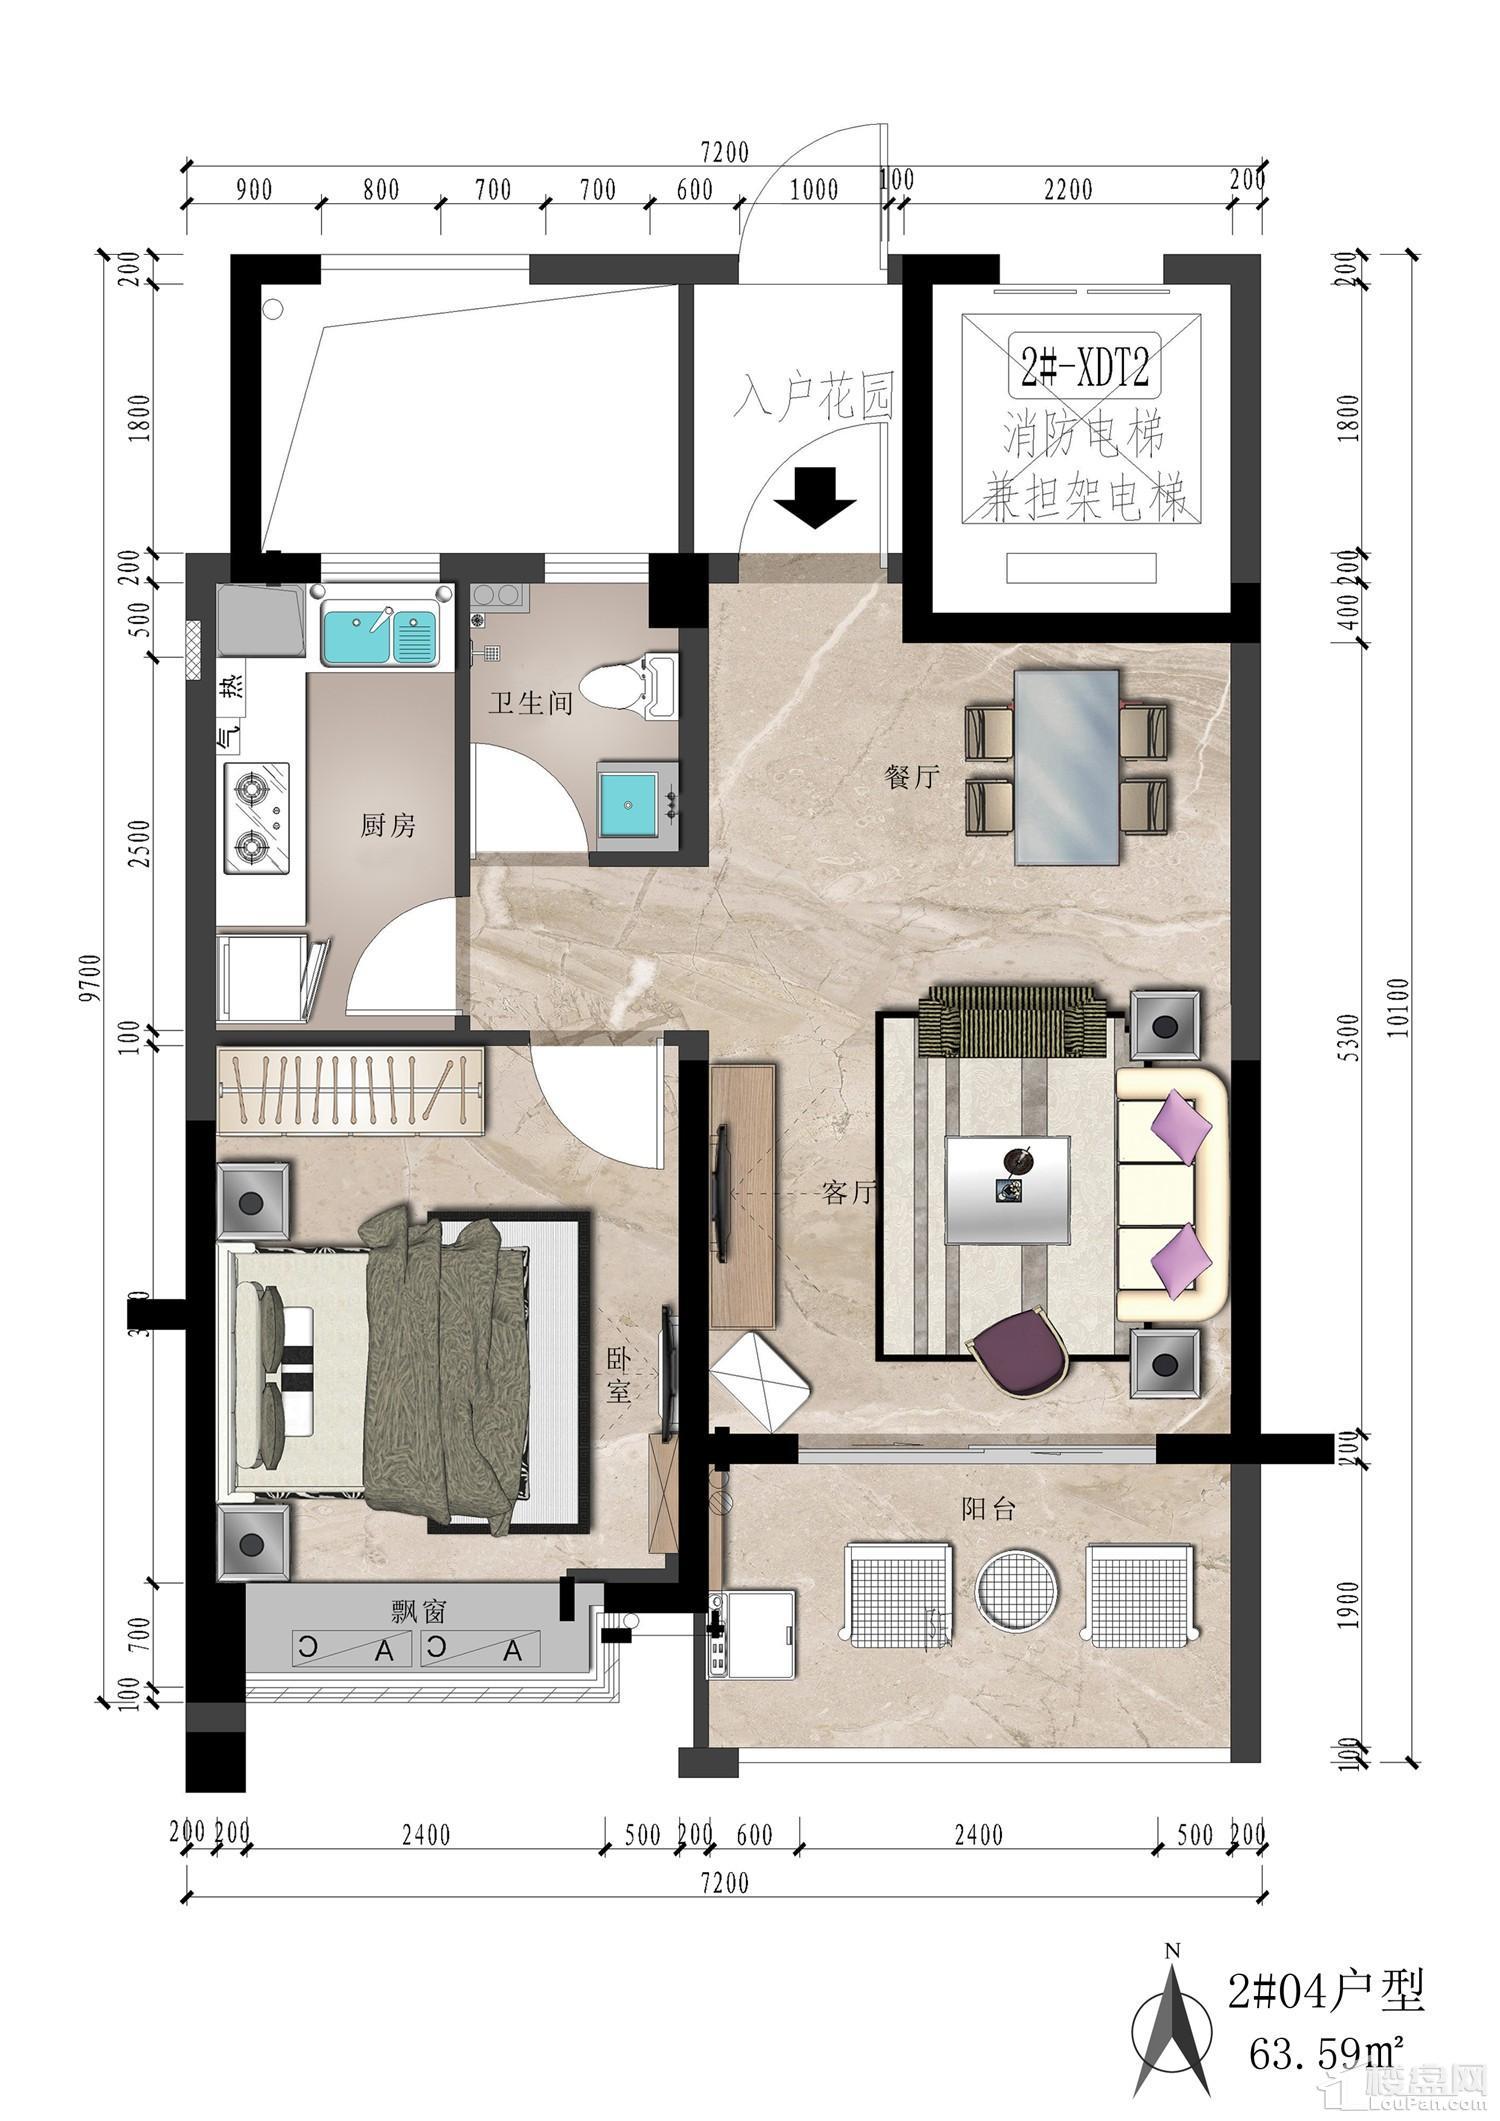 2#04户型 1室2厅1卫1阳台 63.59m²